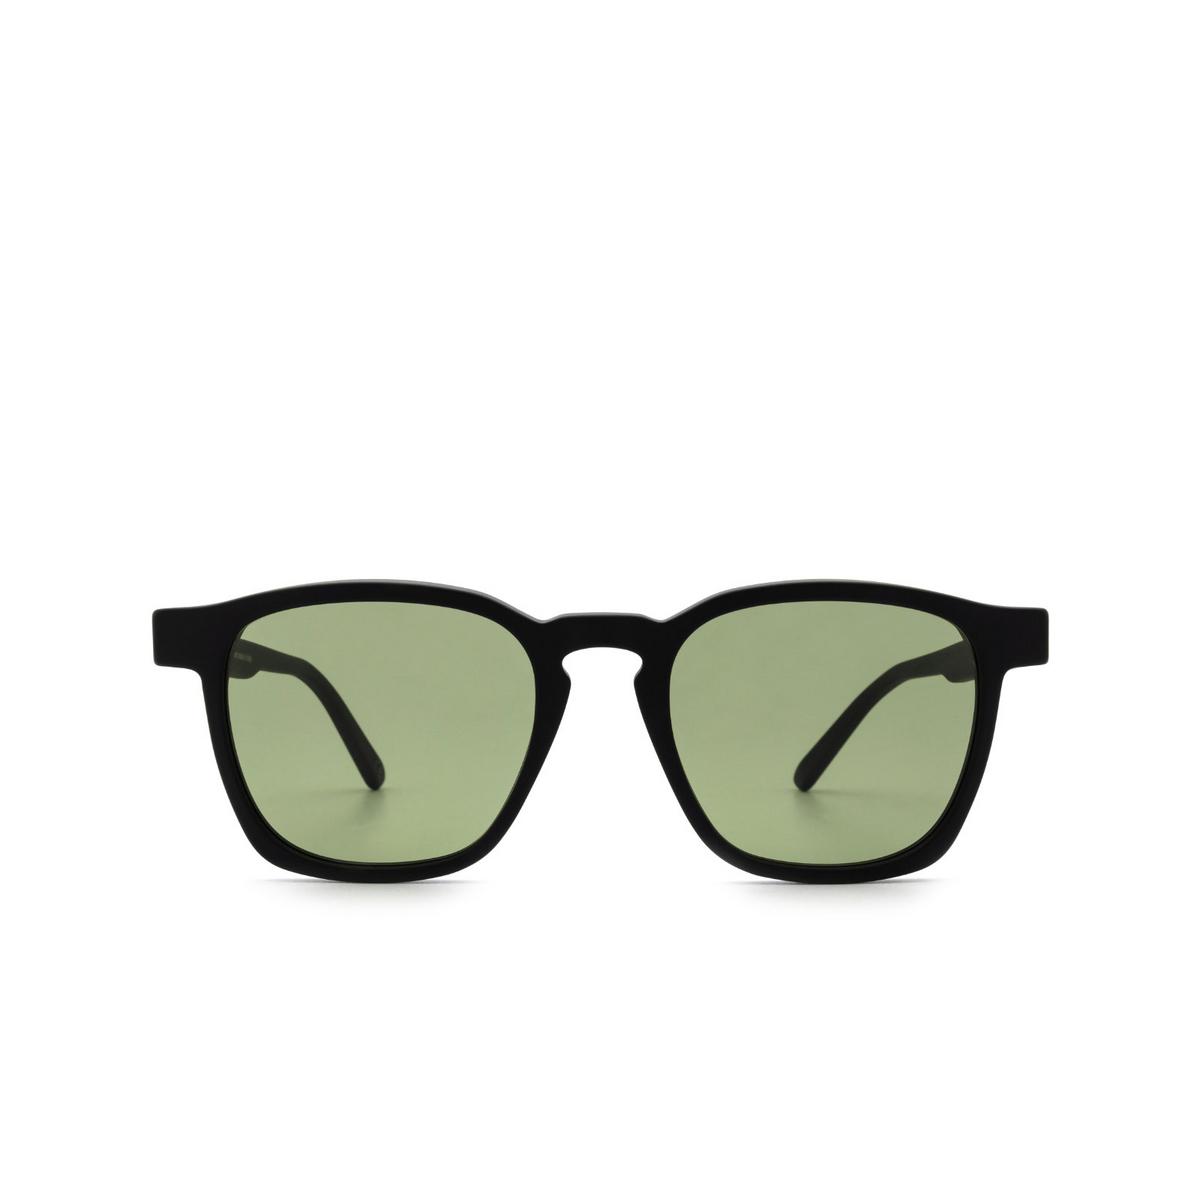 Retrosuperfuture® Square Sunglasses: Unico color Black Matte P6T - front view.